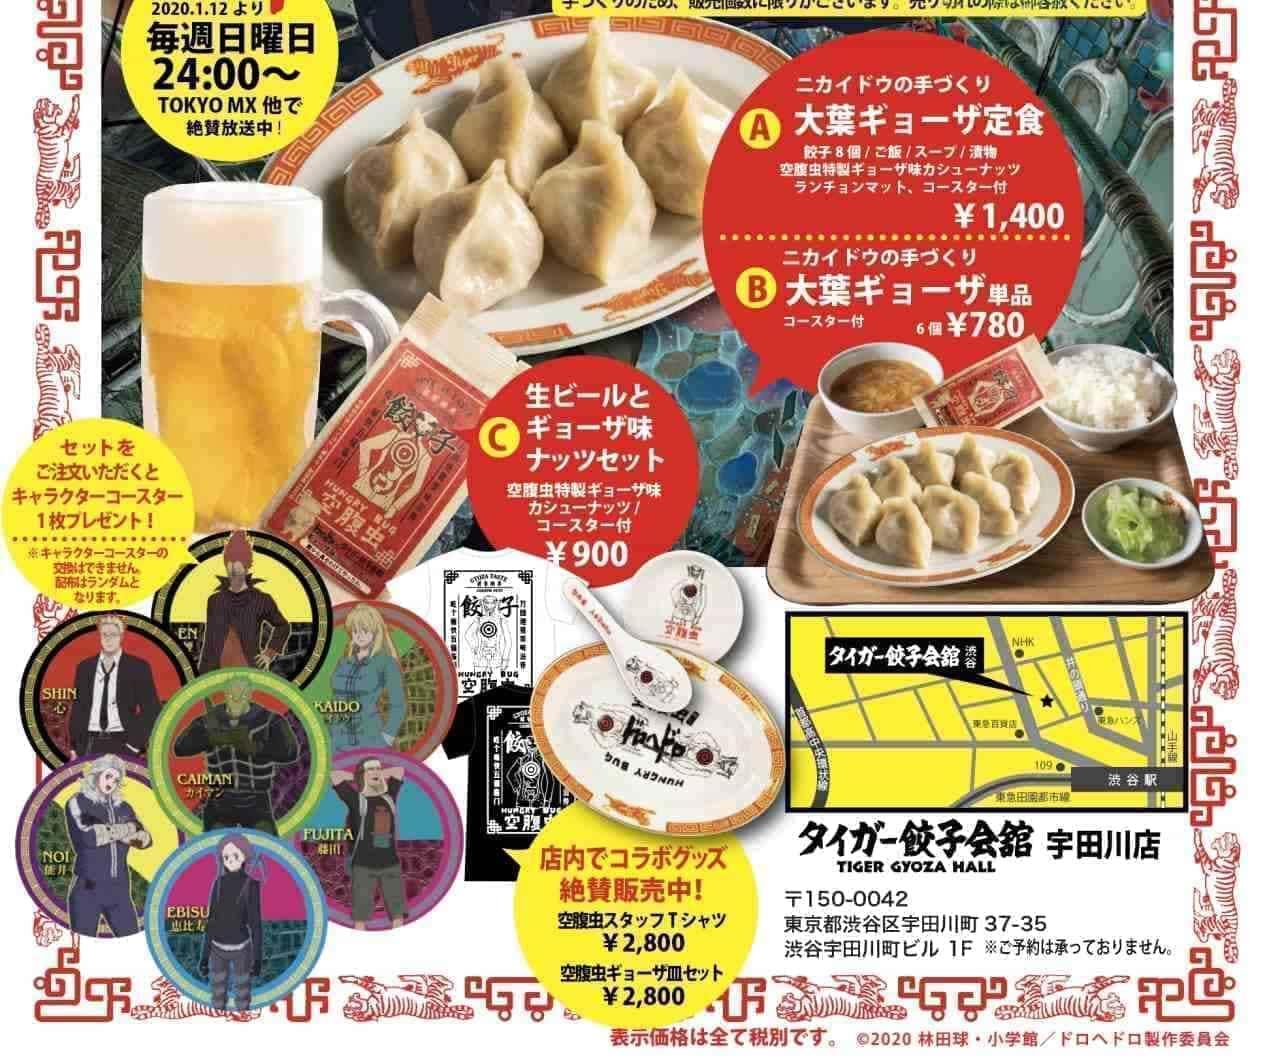 渋谷「タイガー餃子会舘 宇田川」がドロヘドロとコラボレーション